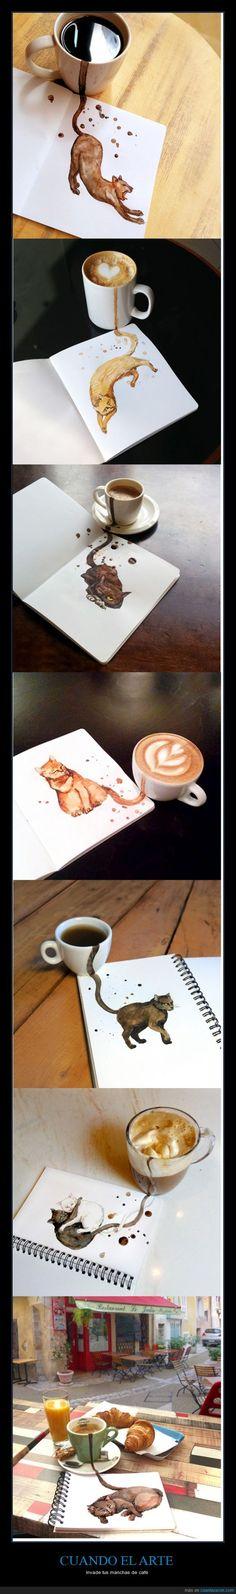 No todas las manchas son un desastre - Invade tus manchas de café